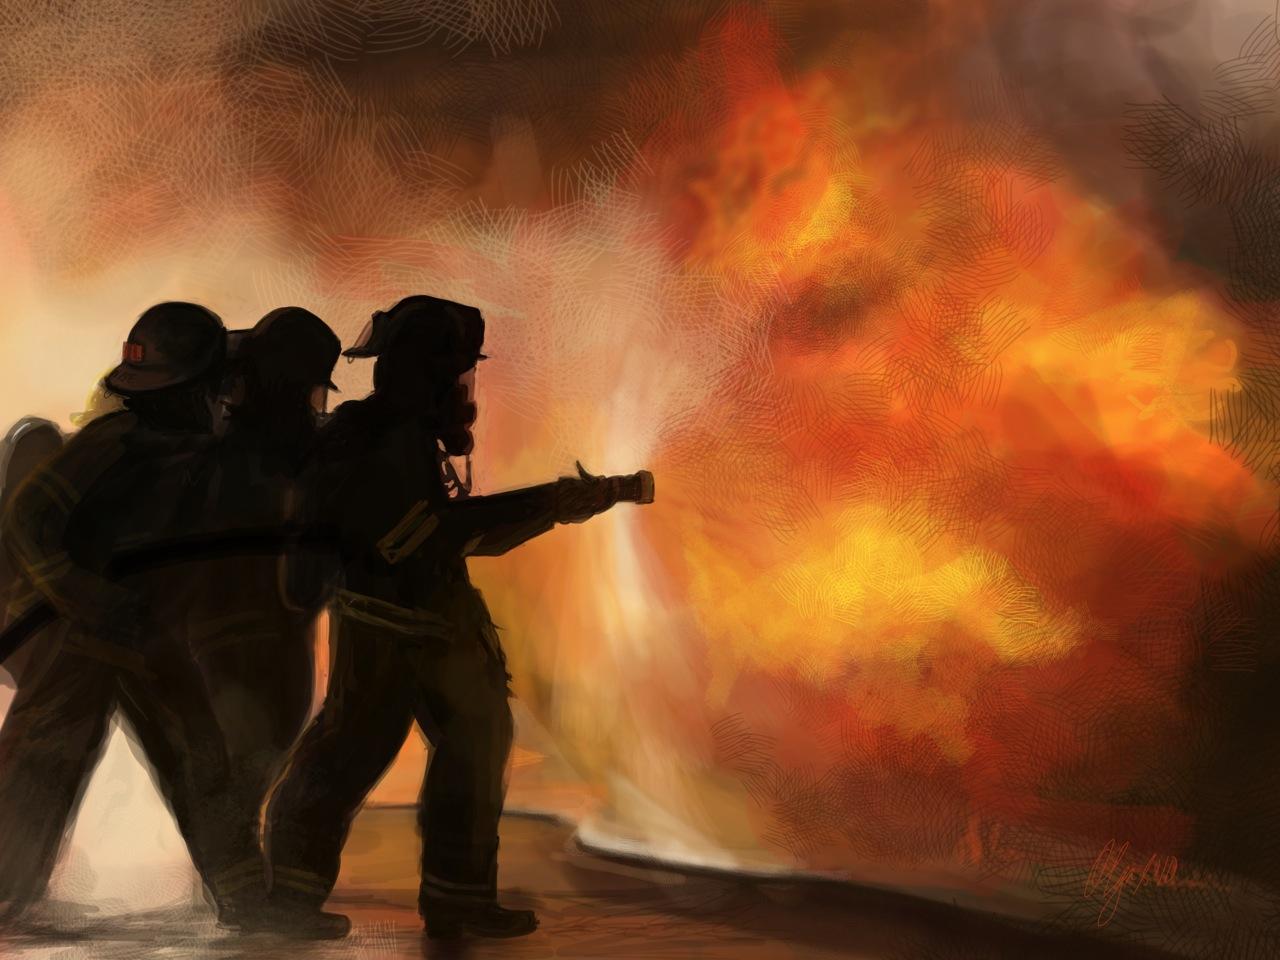 Fire_TBLR.jpg